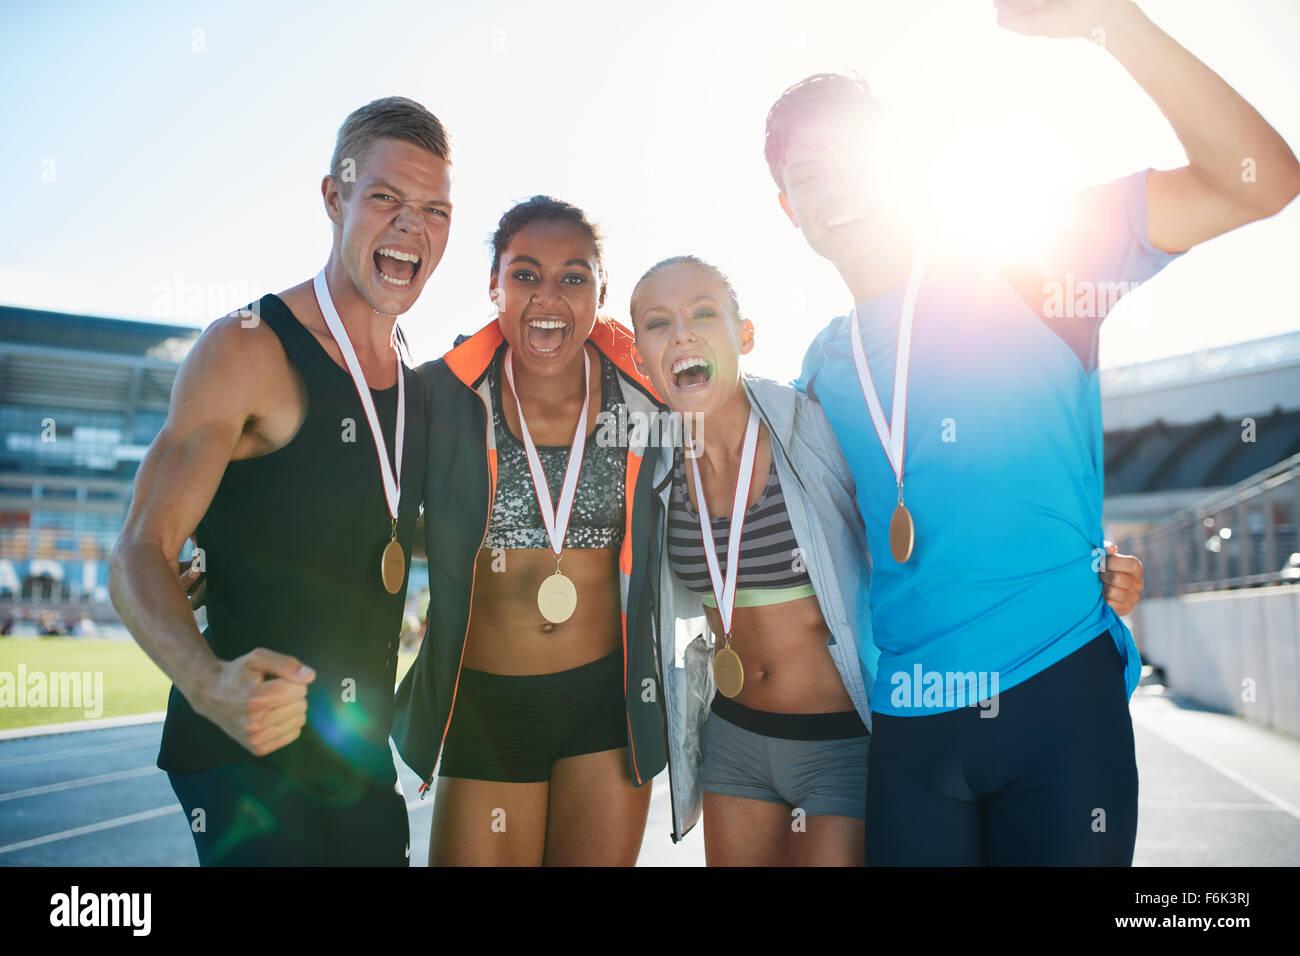 Portrait de jeunes coureurs extatique avec des médailles Célébrons les succès du stade de l'athlétisme. Photo Stock